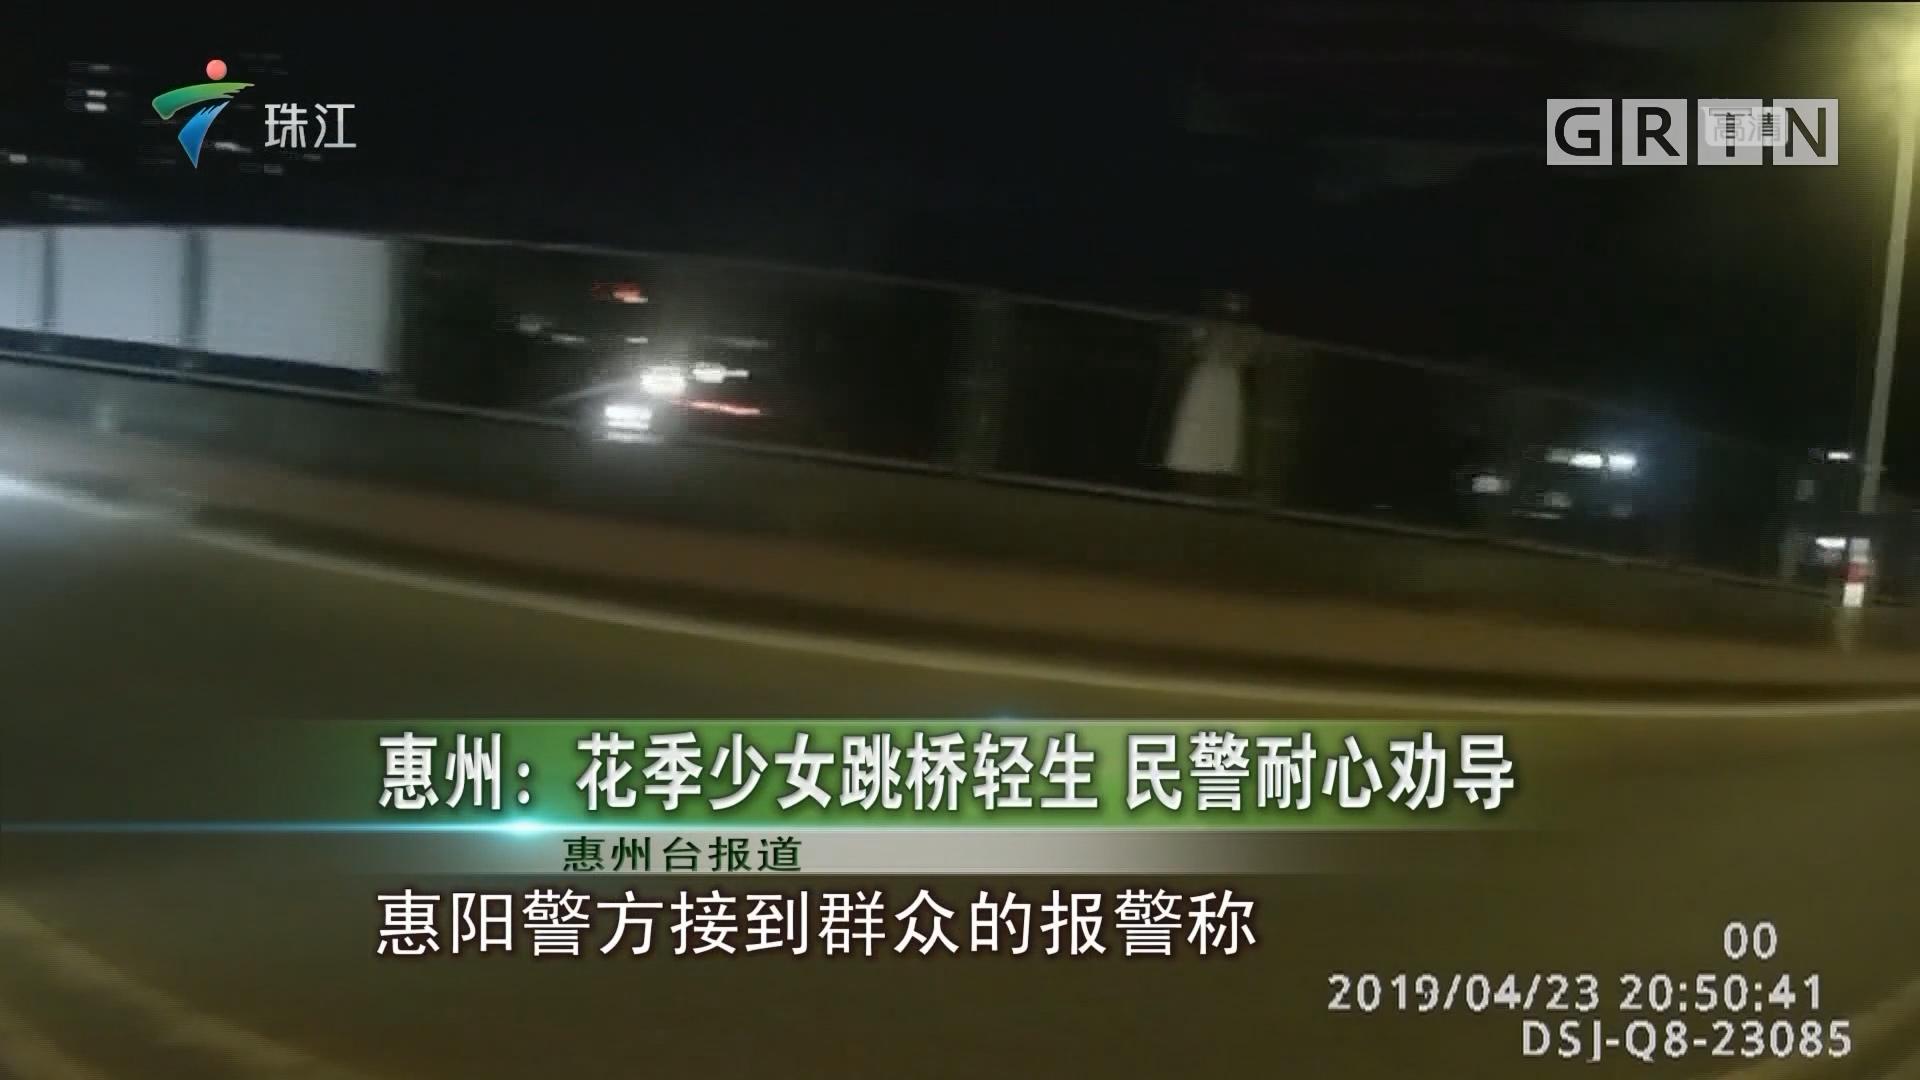 惠州:花季少女跳桥轻生 民警耐心劝导